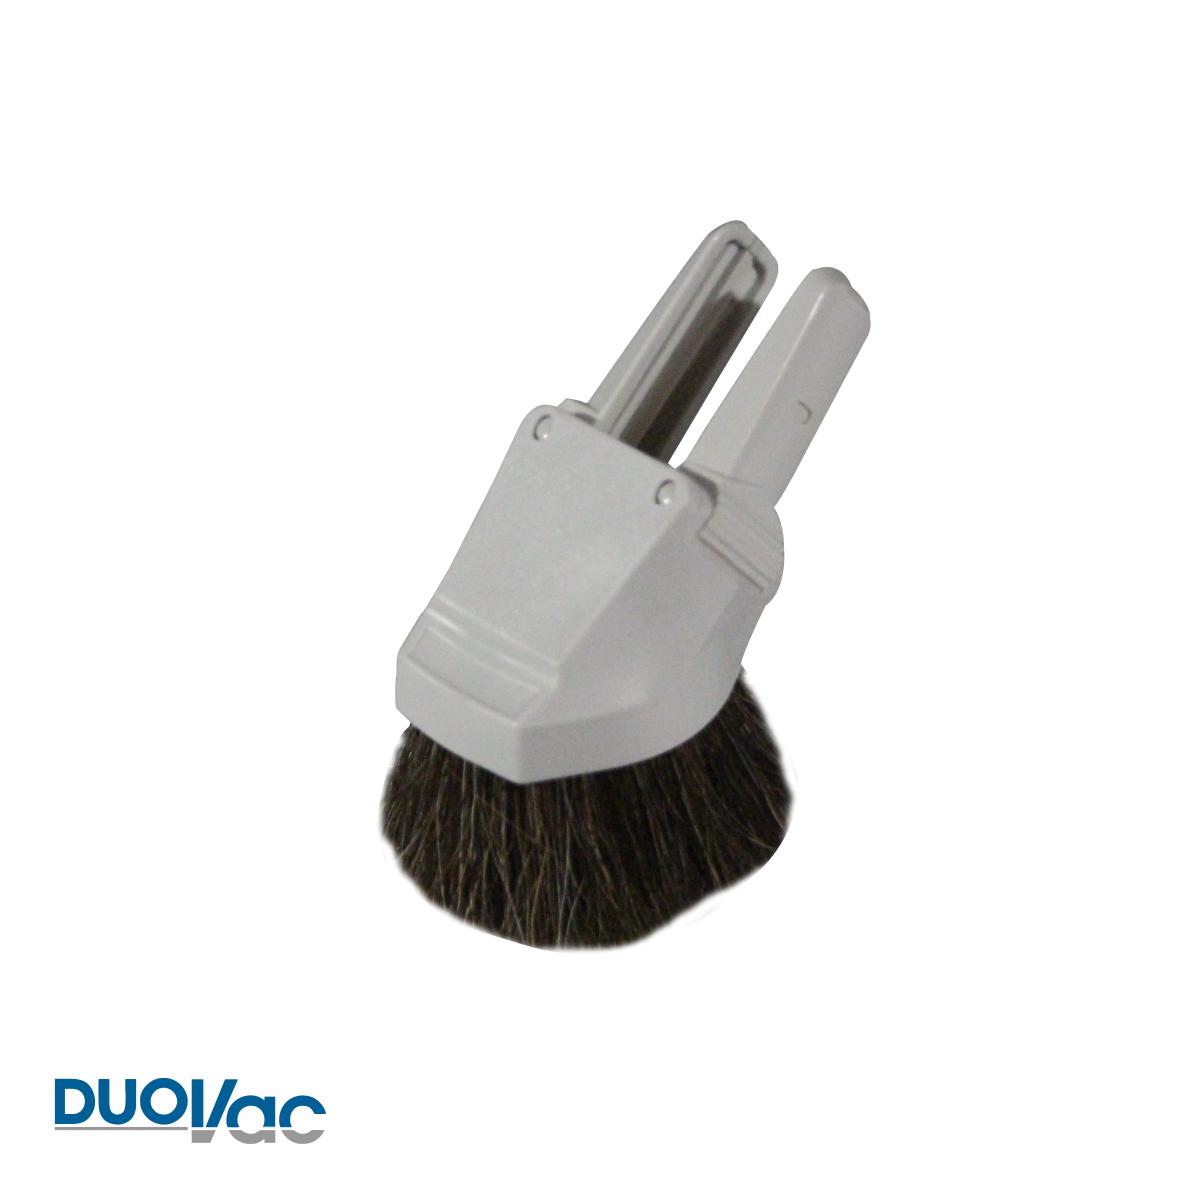 Brosse combo duovac a epoussetage capitonnage gris en crin acc 56 gy 01